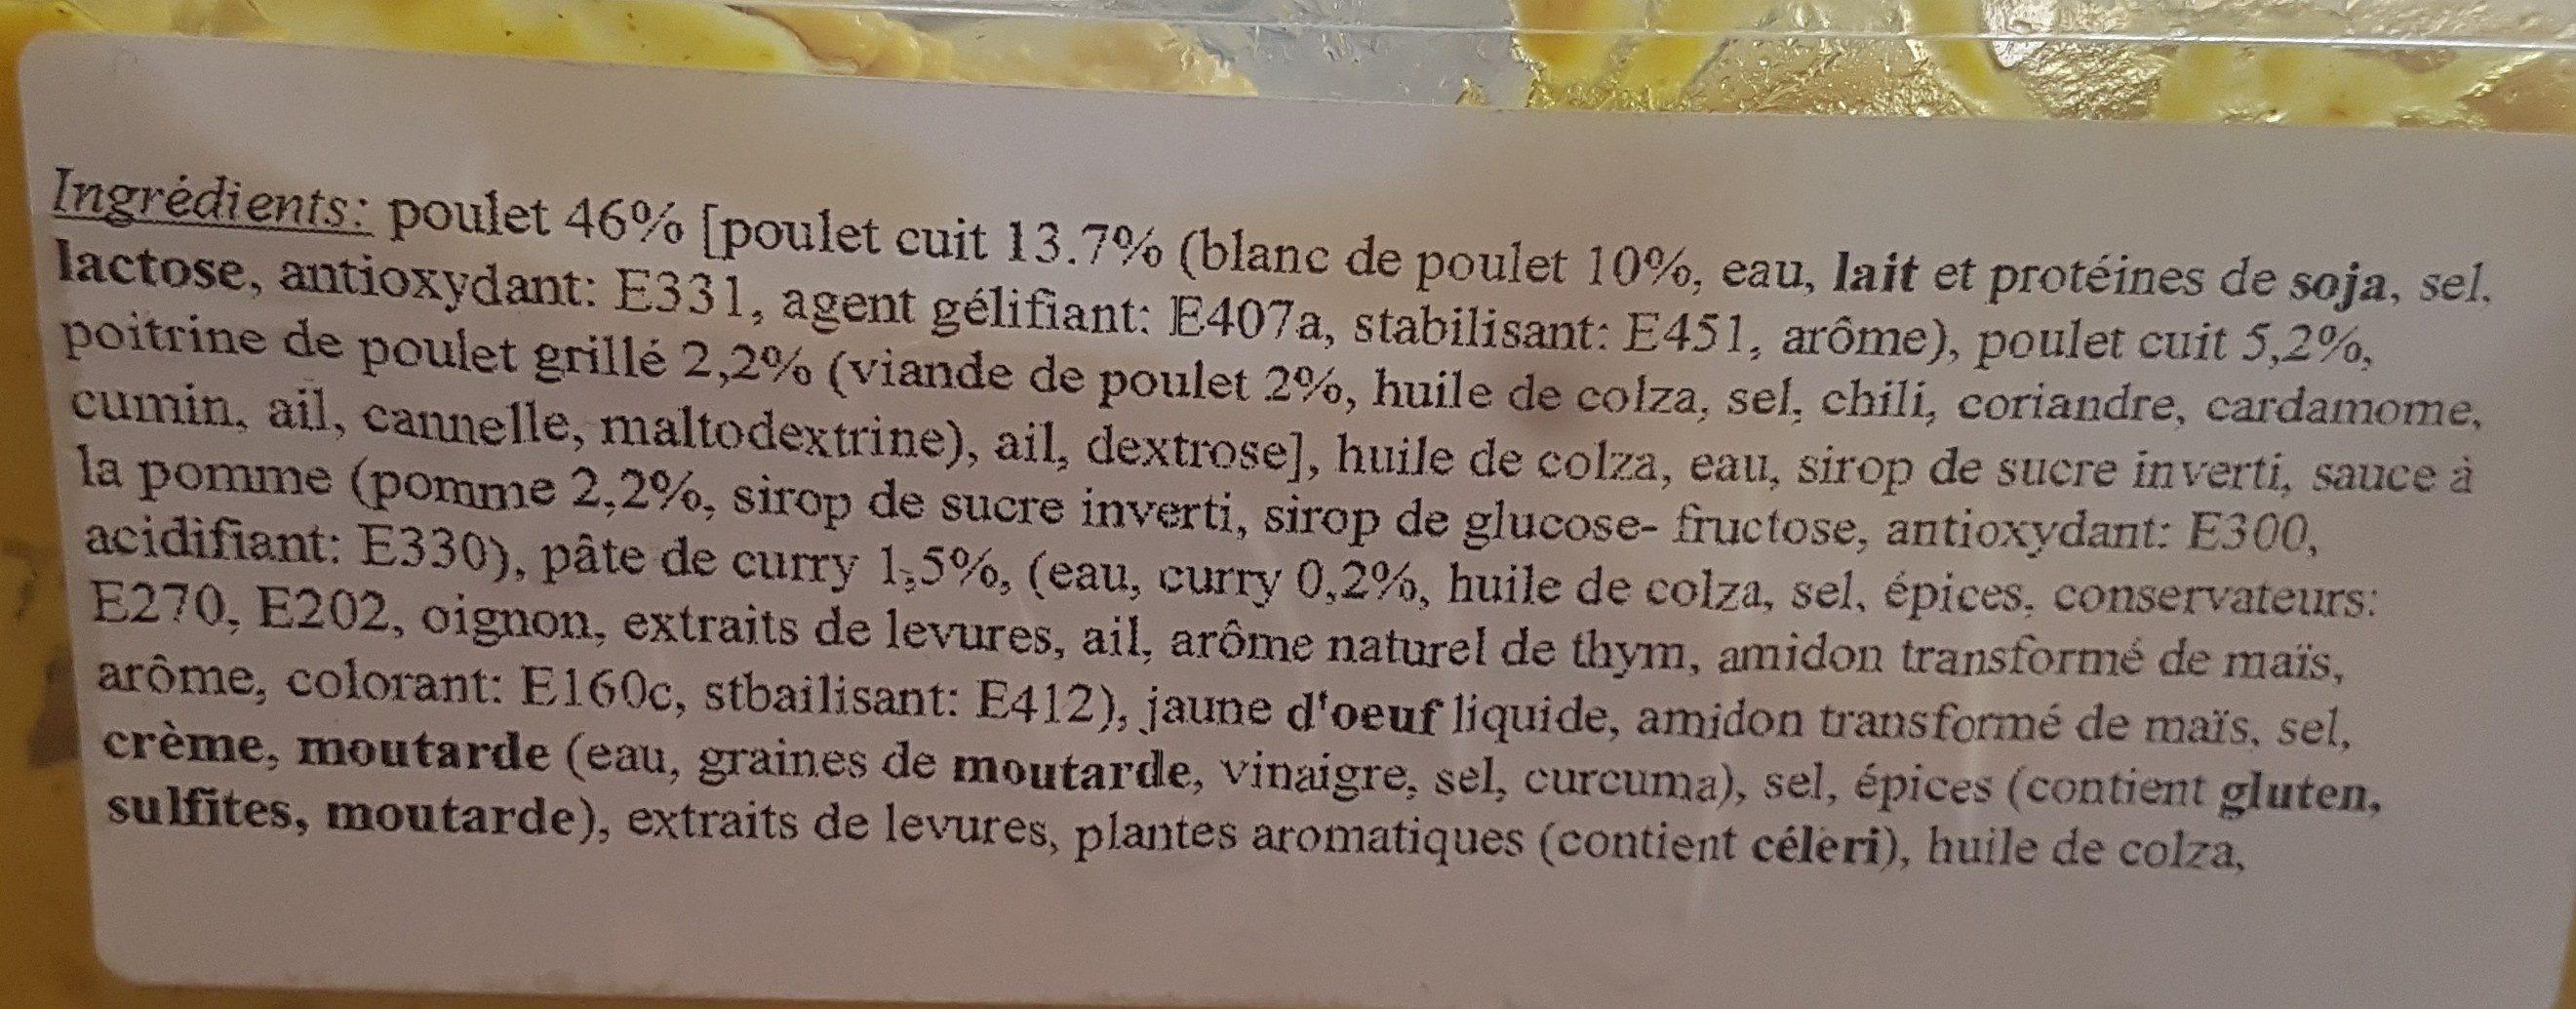 Préparation pour sandwich poulet et curry - Ingrediënten - fr